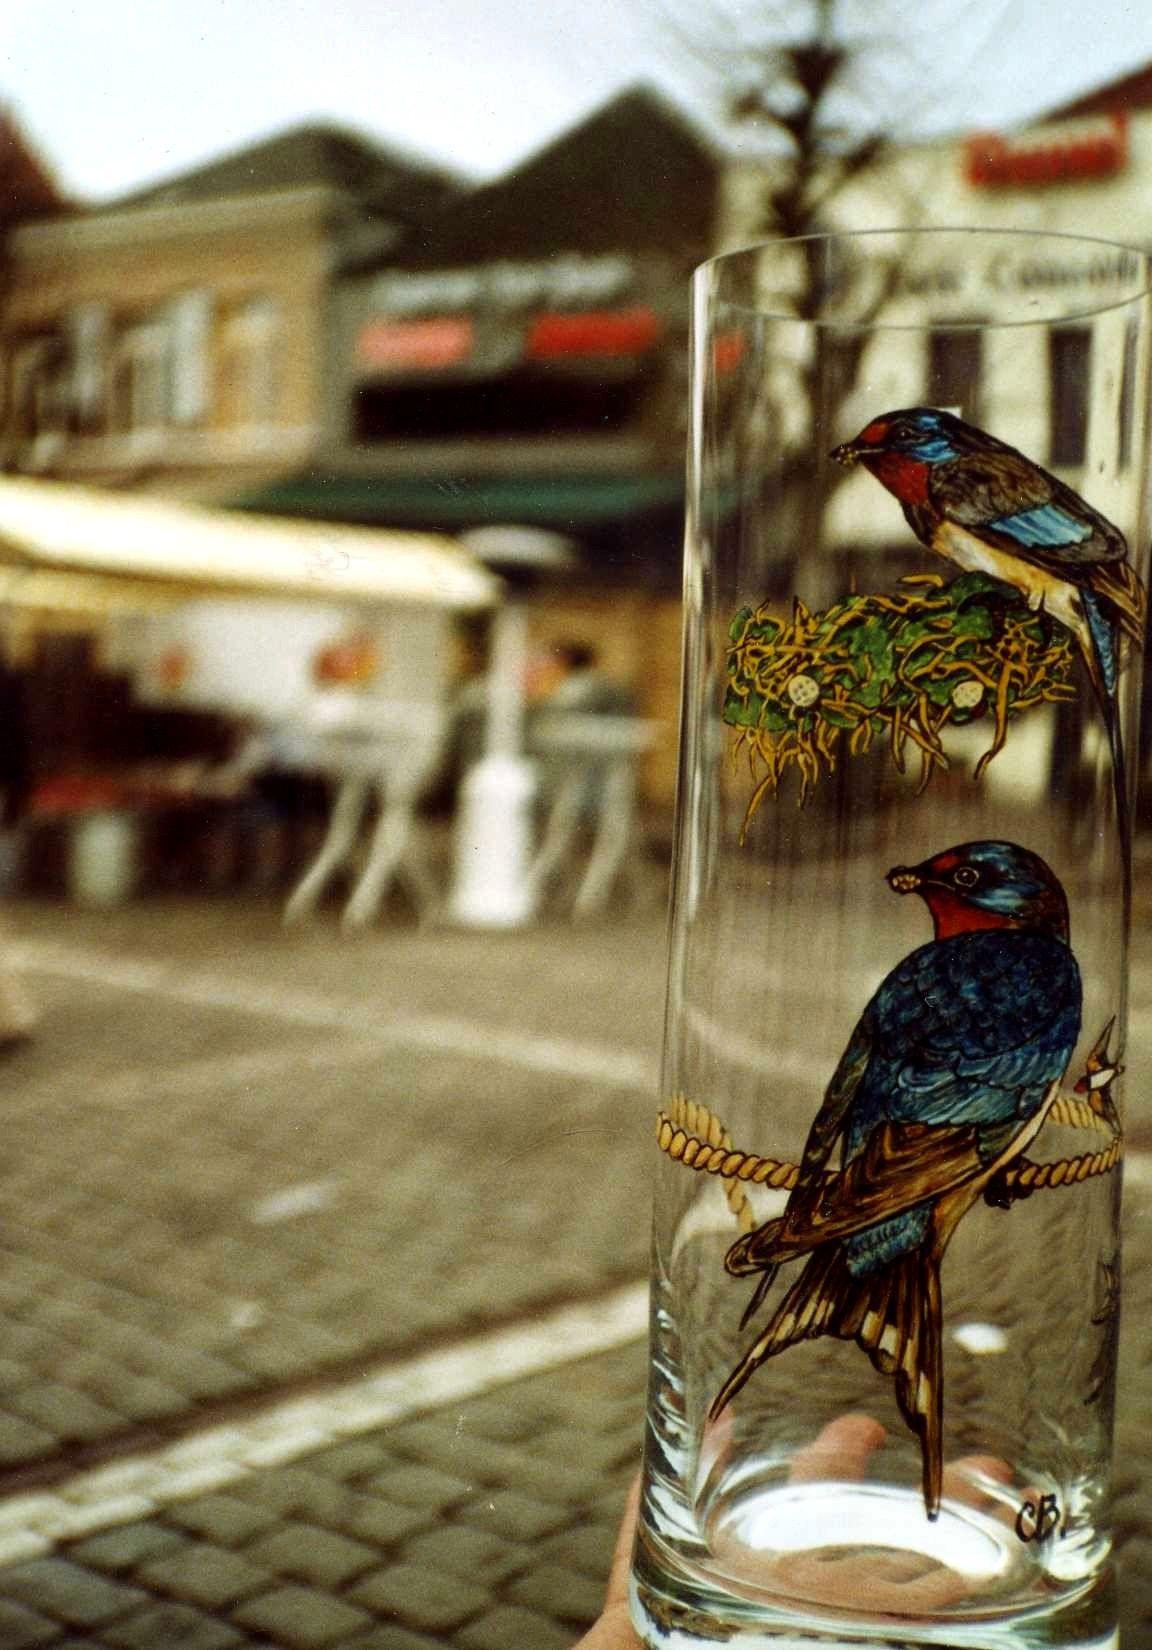 Oiseaux sur un vase